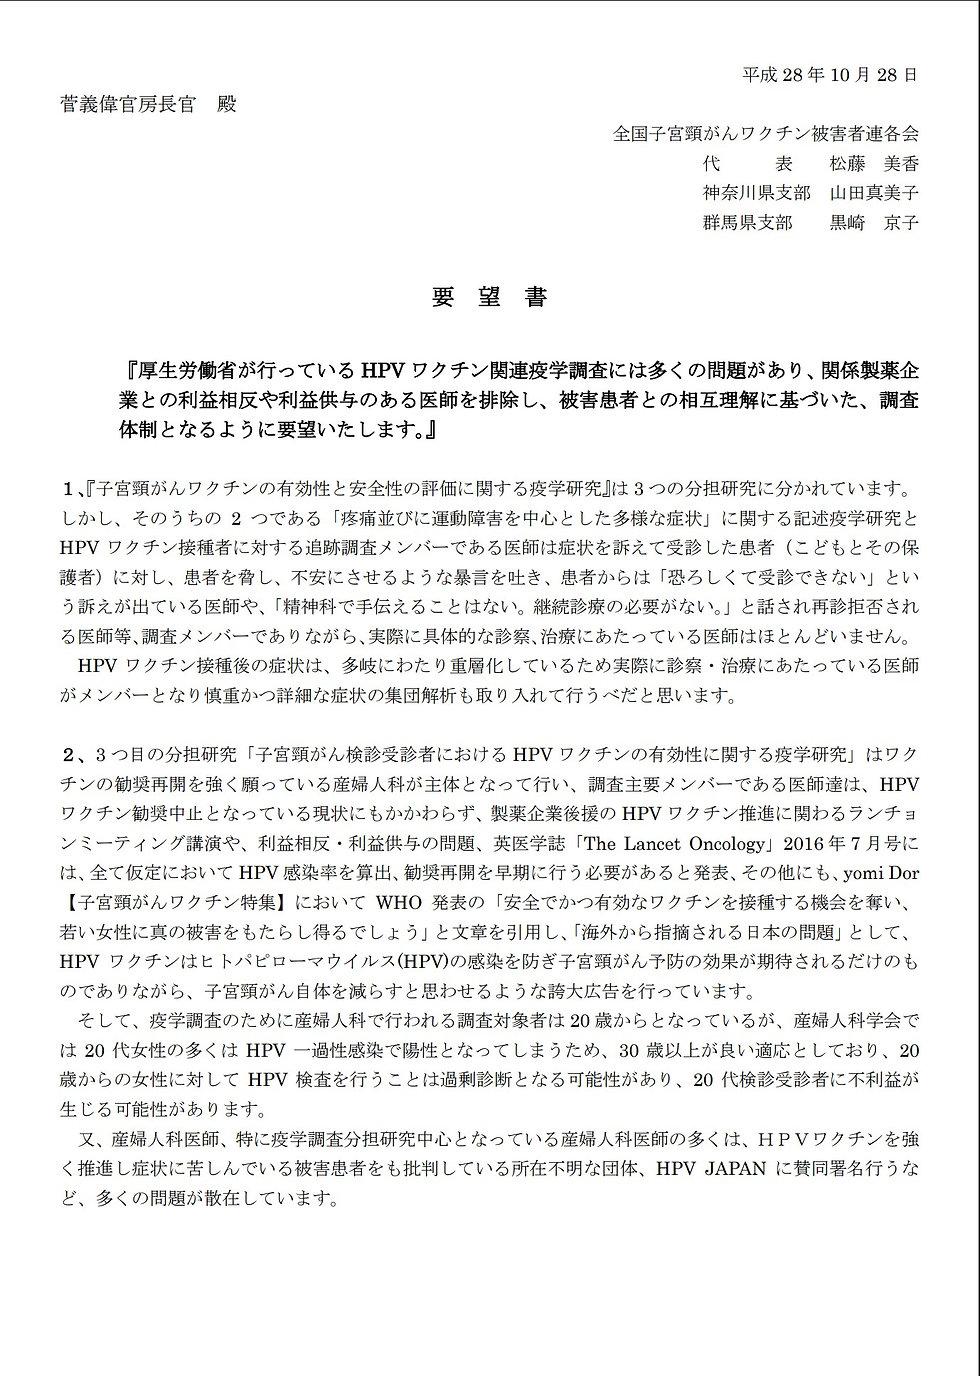 菅義偉官房長官2016.10要望書.jpg